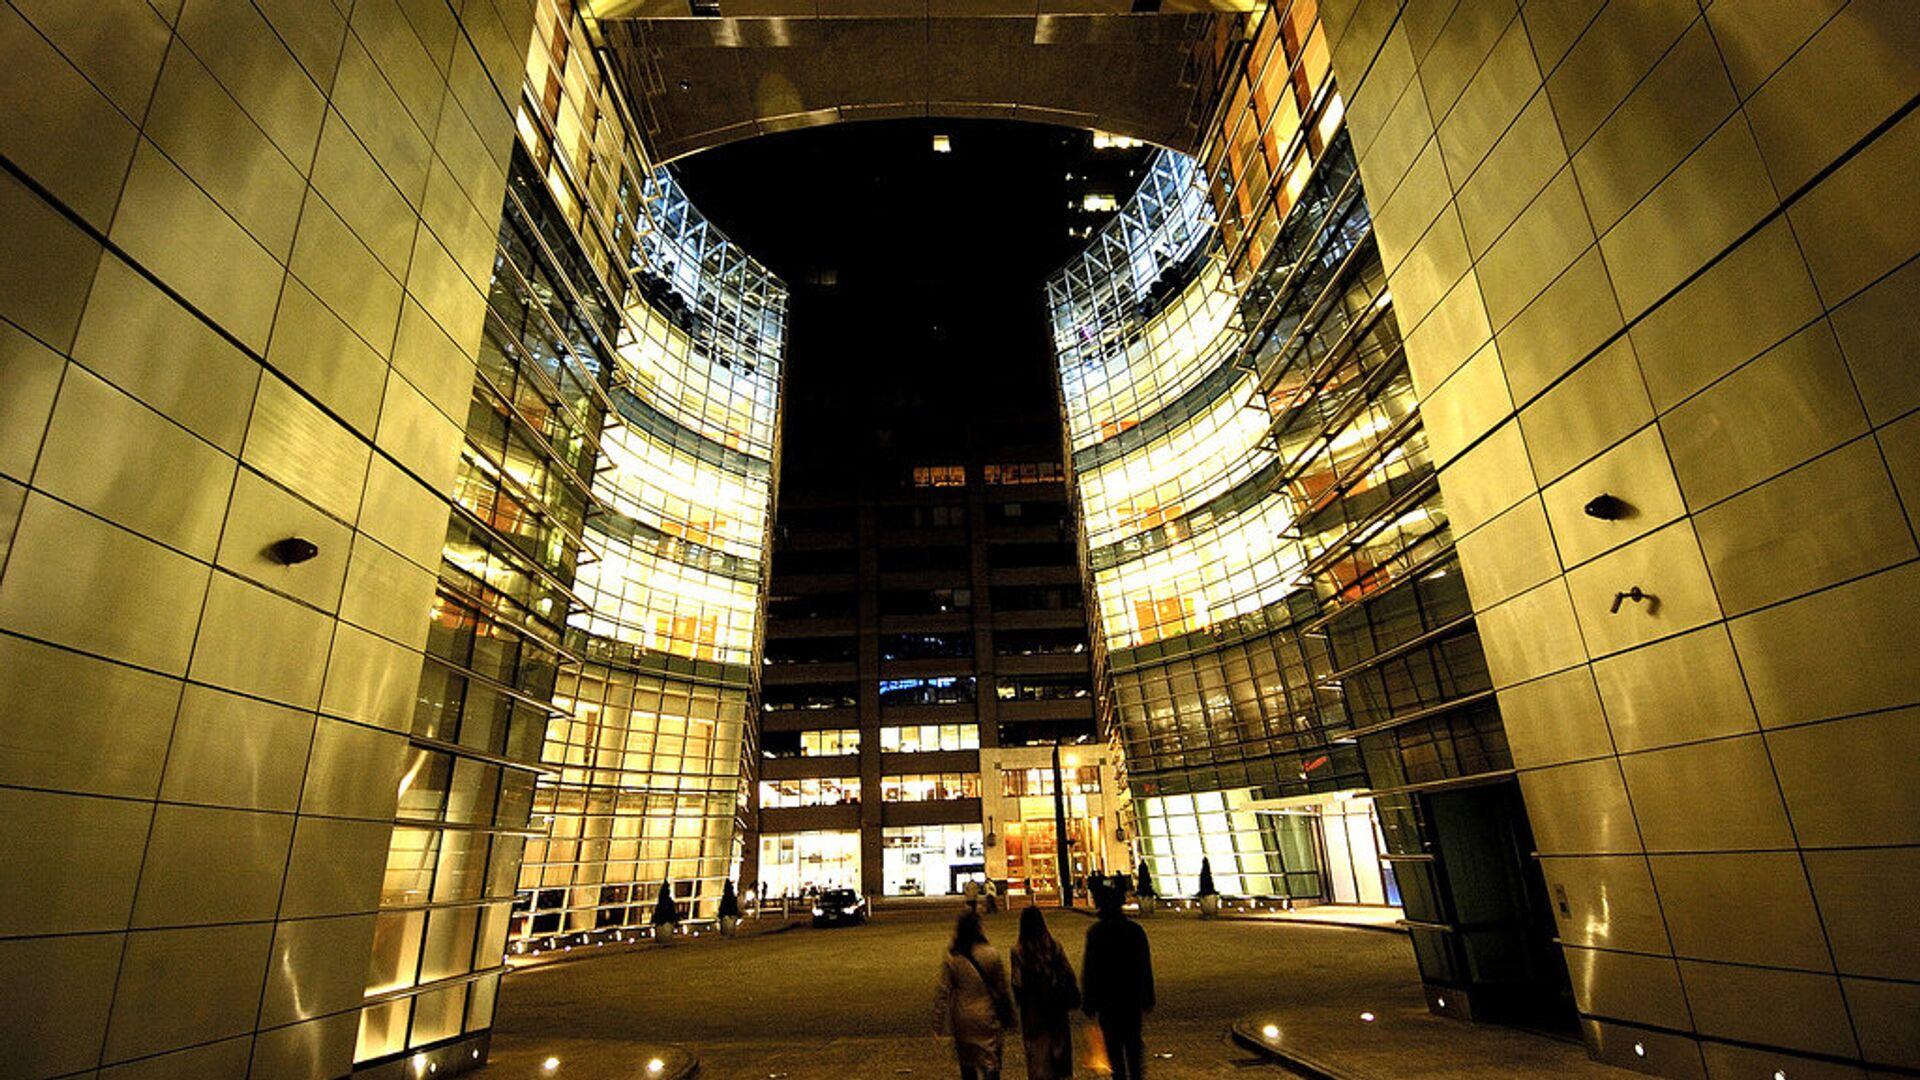 Офисное здание, в котором располагается компания Bloomberg - РИА Новости, 1920, 18.09.2021